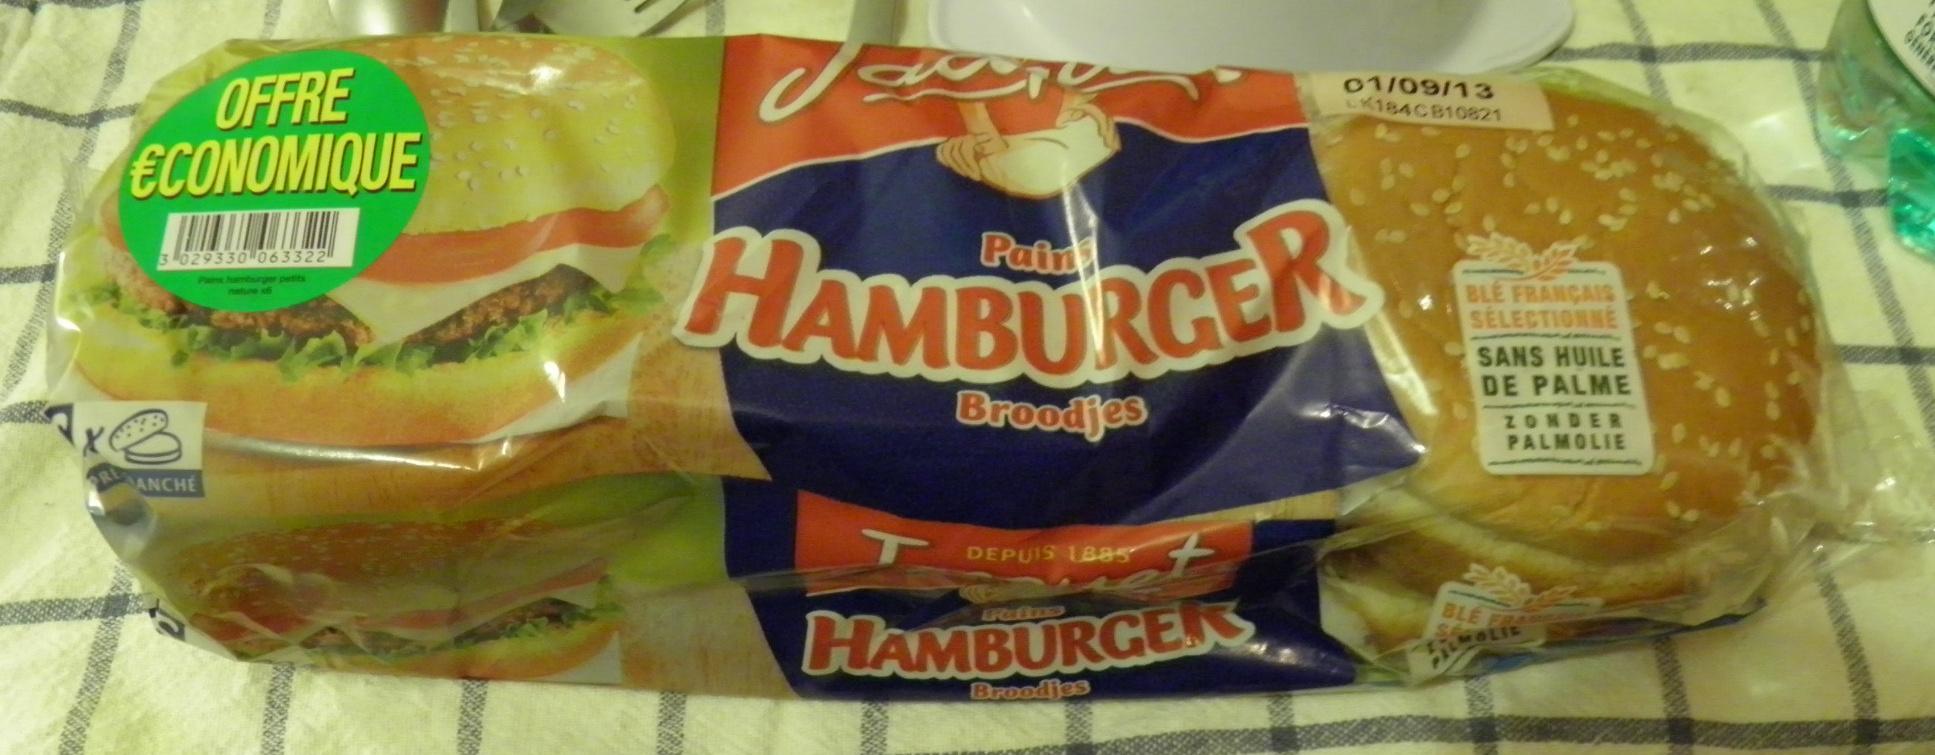 Jacquet Pains Hamburger - Produit